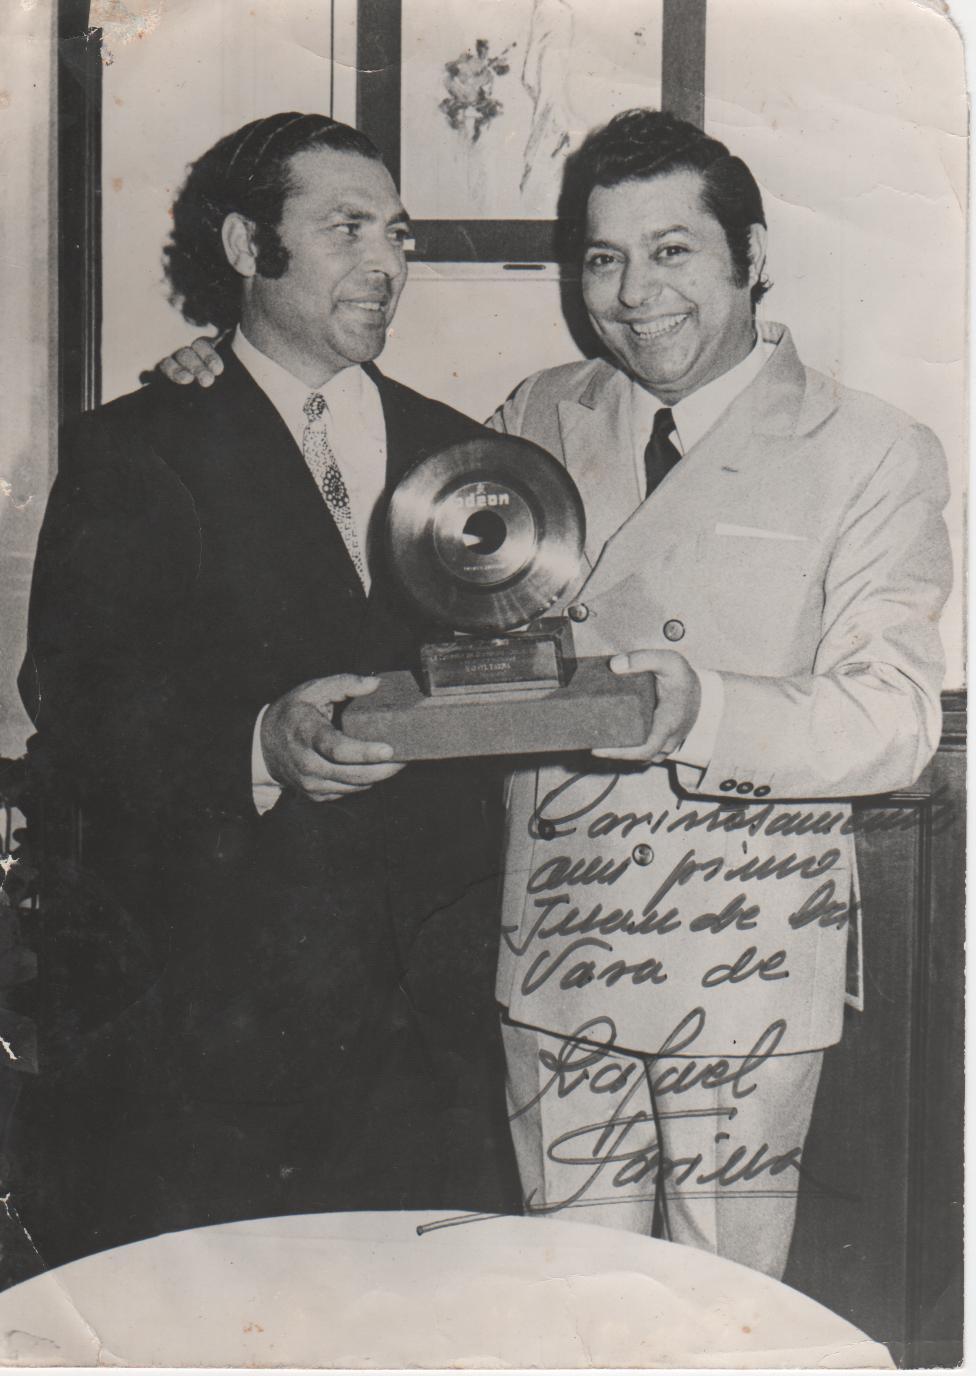 '''«Cariñosamente a mi primo Juan de la Vara de Rafael Farina» Juan el de la Vara y Rafael Farina.'''